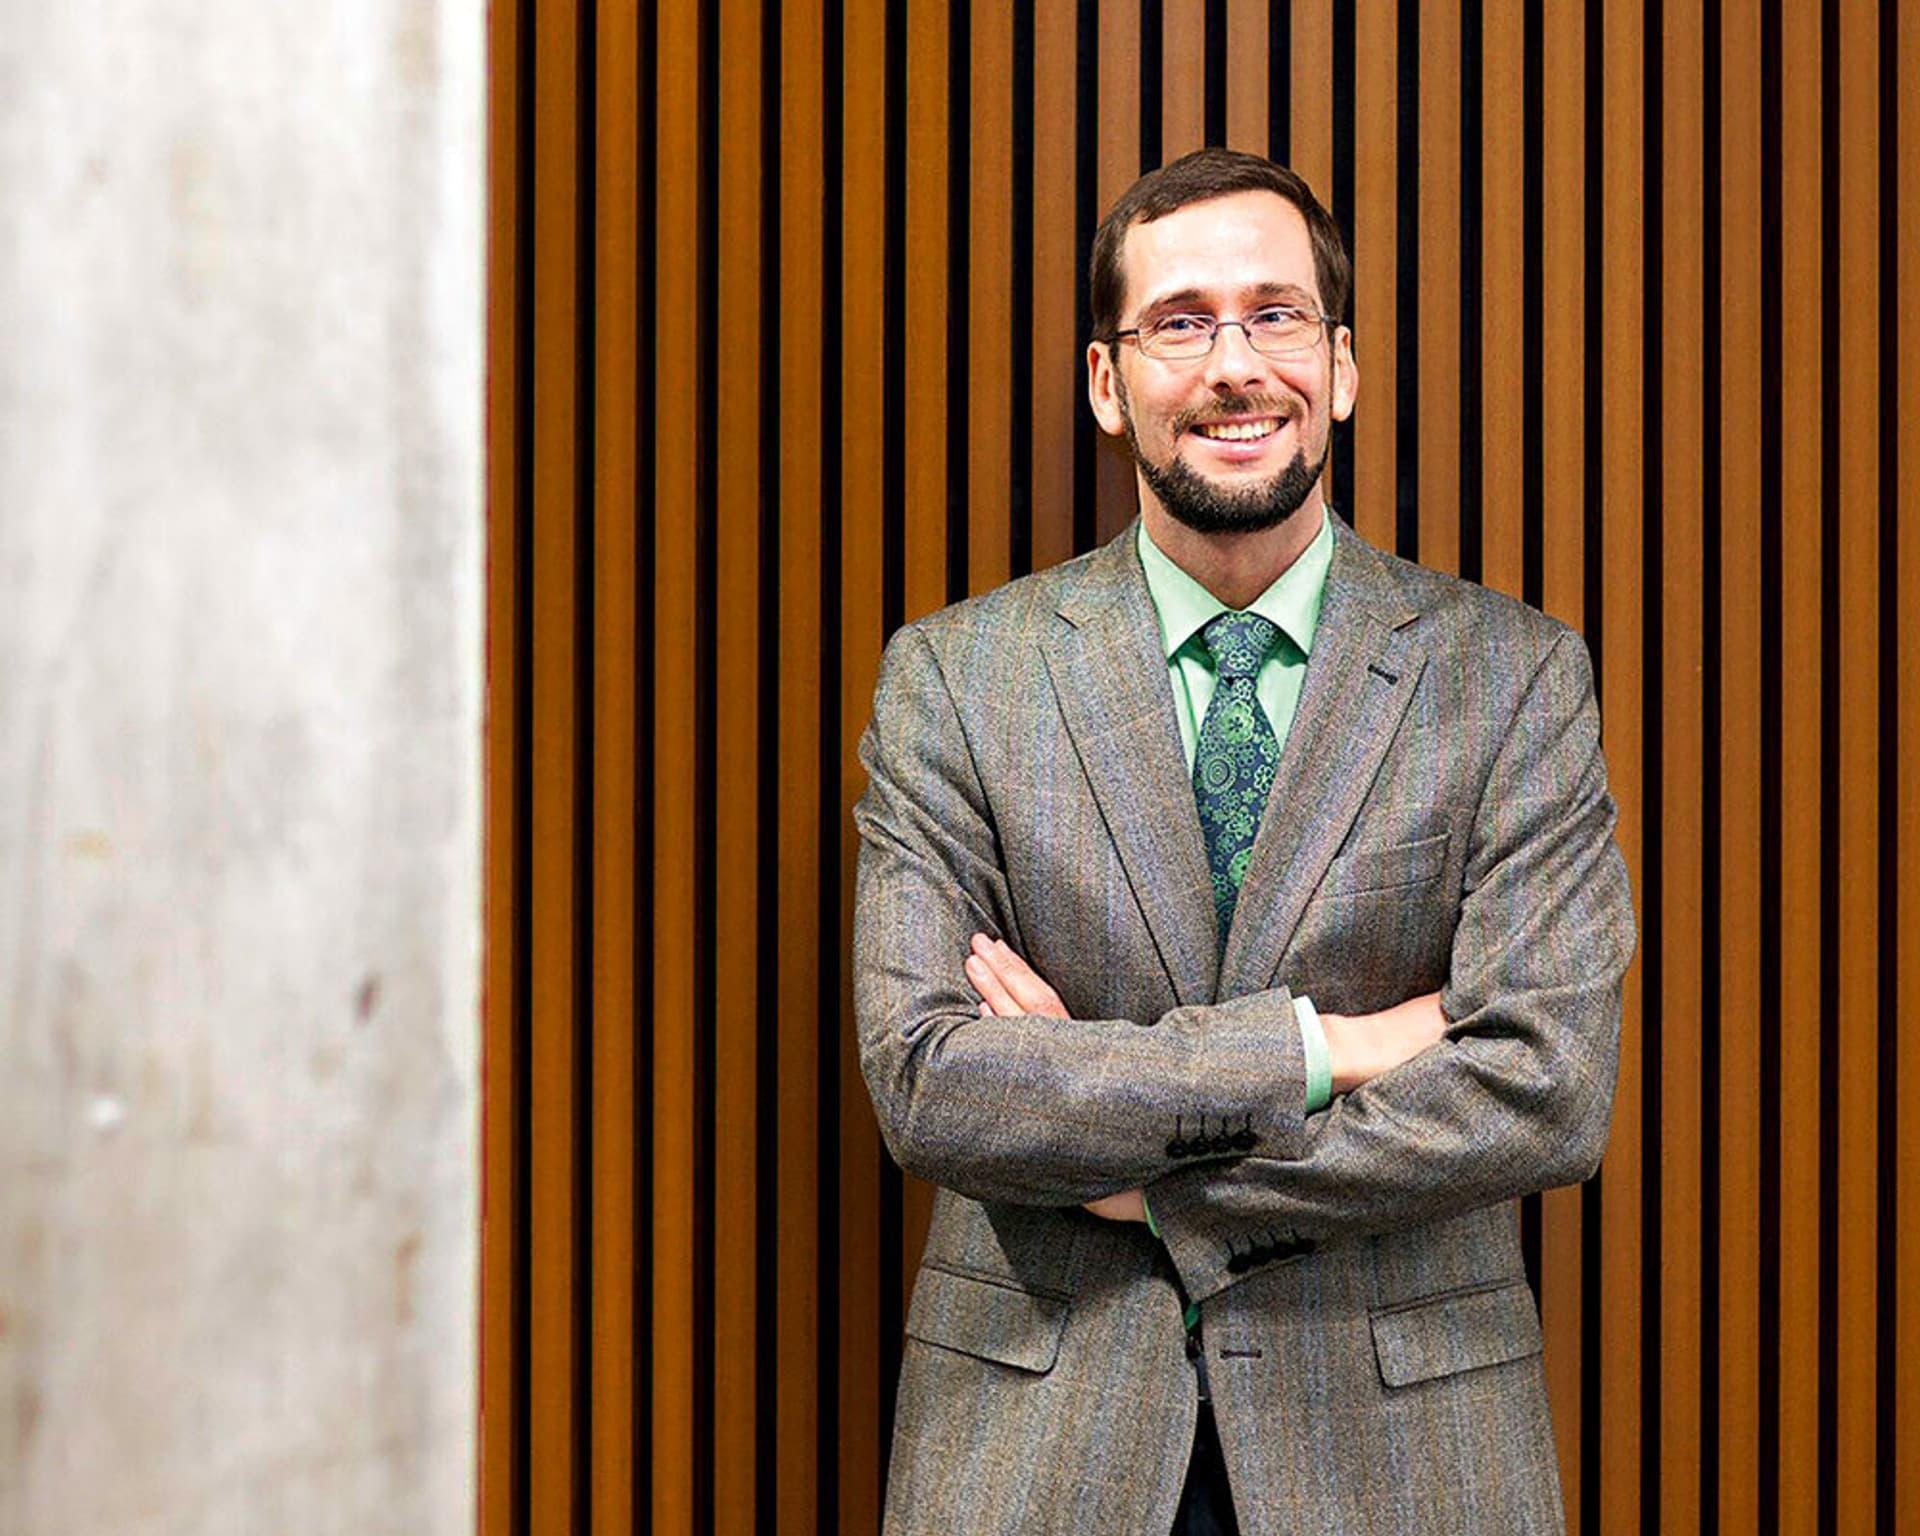 Professor Volker Quaschning steht im Hörsaal vor einer Wand mit verschränkten Armen.